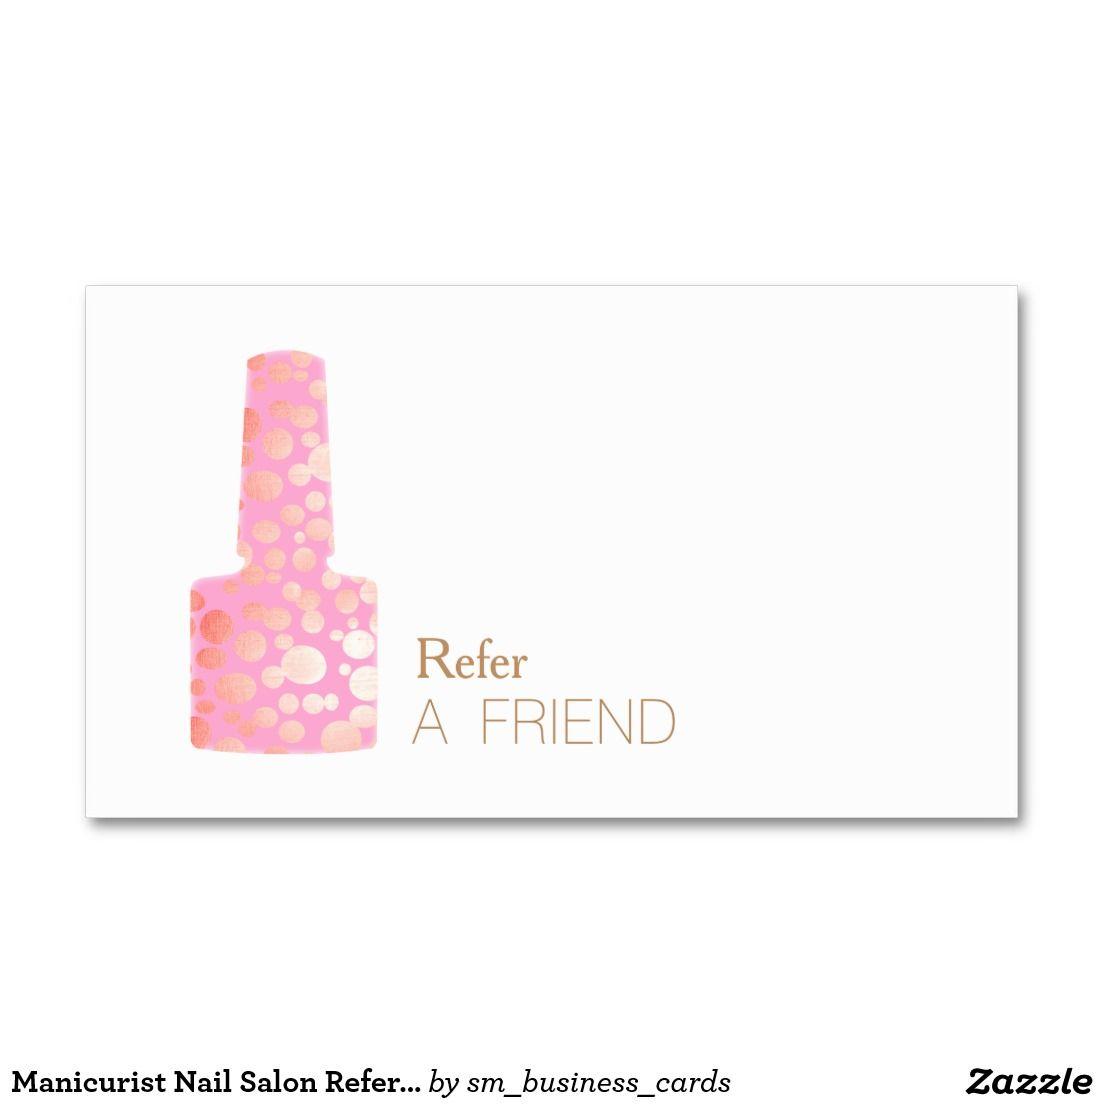 Manicurist nail salon refer a friend double sided standard business manicurist nail salon refer a friend double sided standard business cards pack of 100 colourmoves